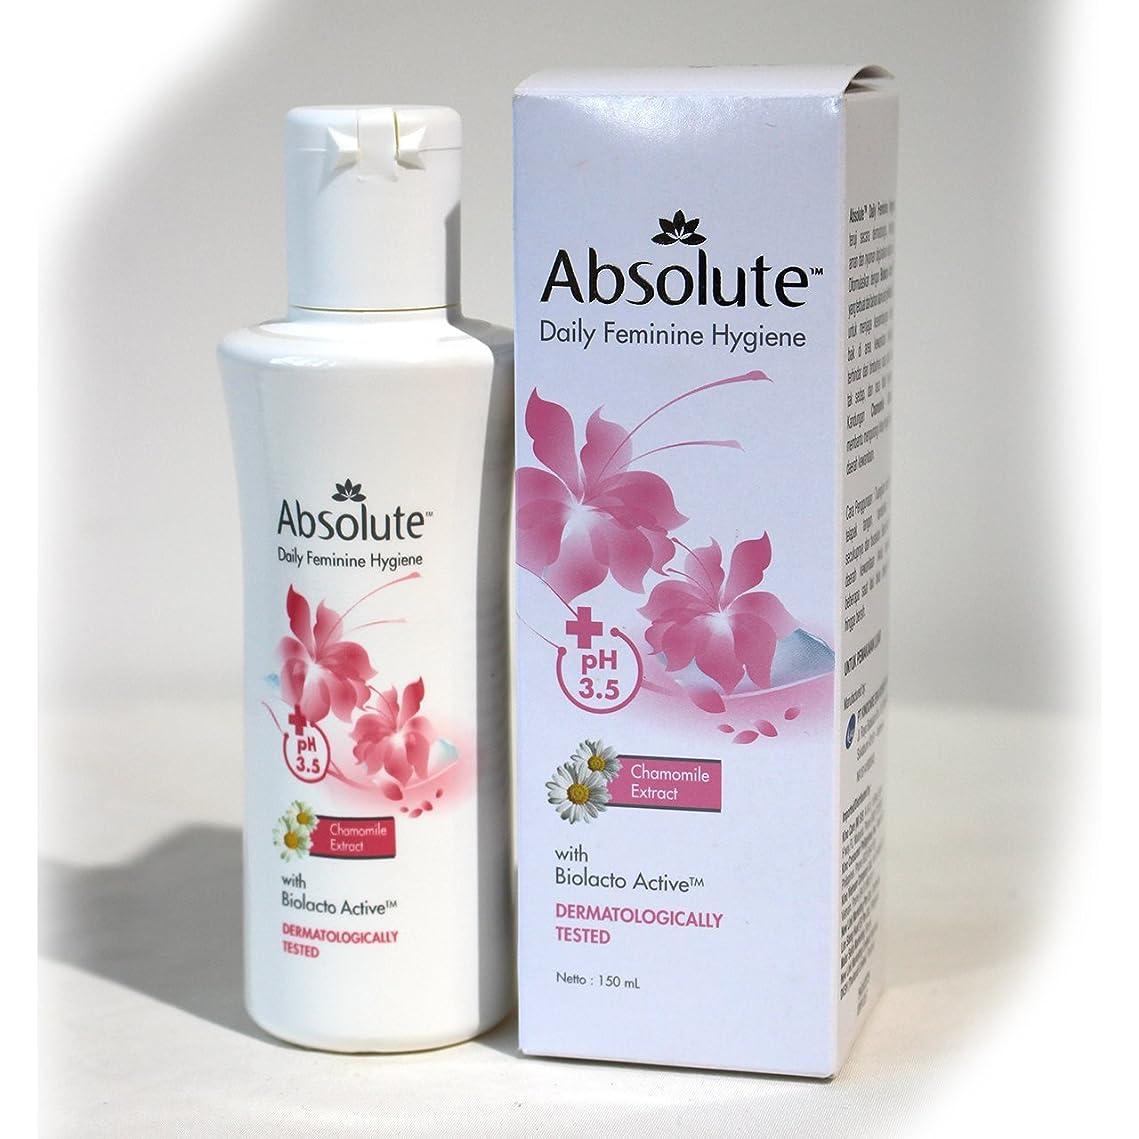 意図的側面初期Absolute(アブソリュート)女性用液体ソープ 150ml [並行輸入品][海外直送品]